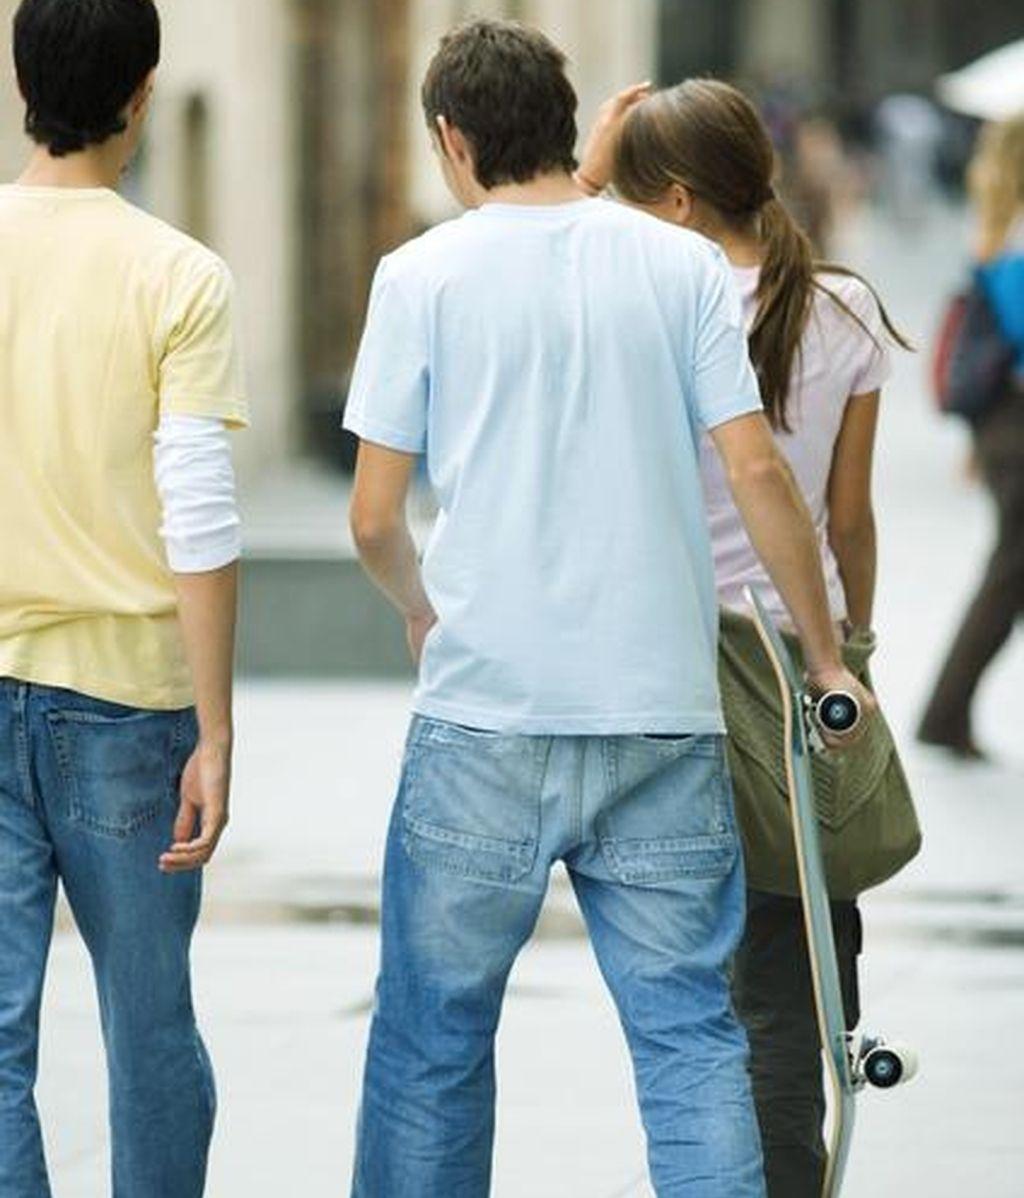 Estudio sobre jóvenes y valores